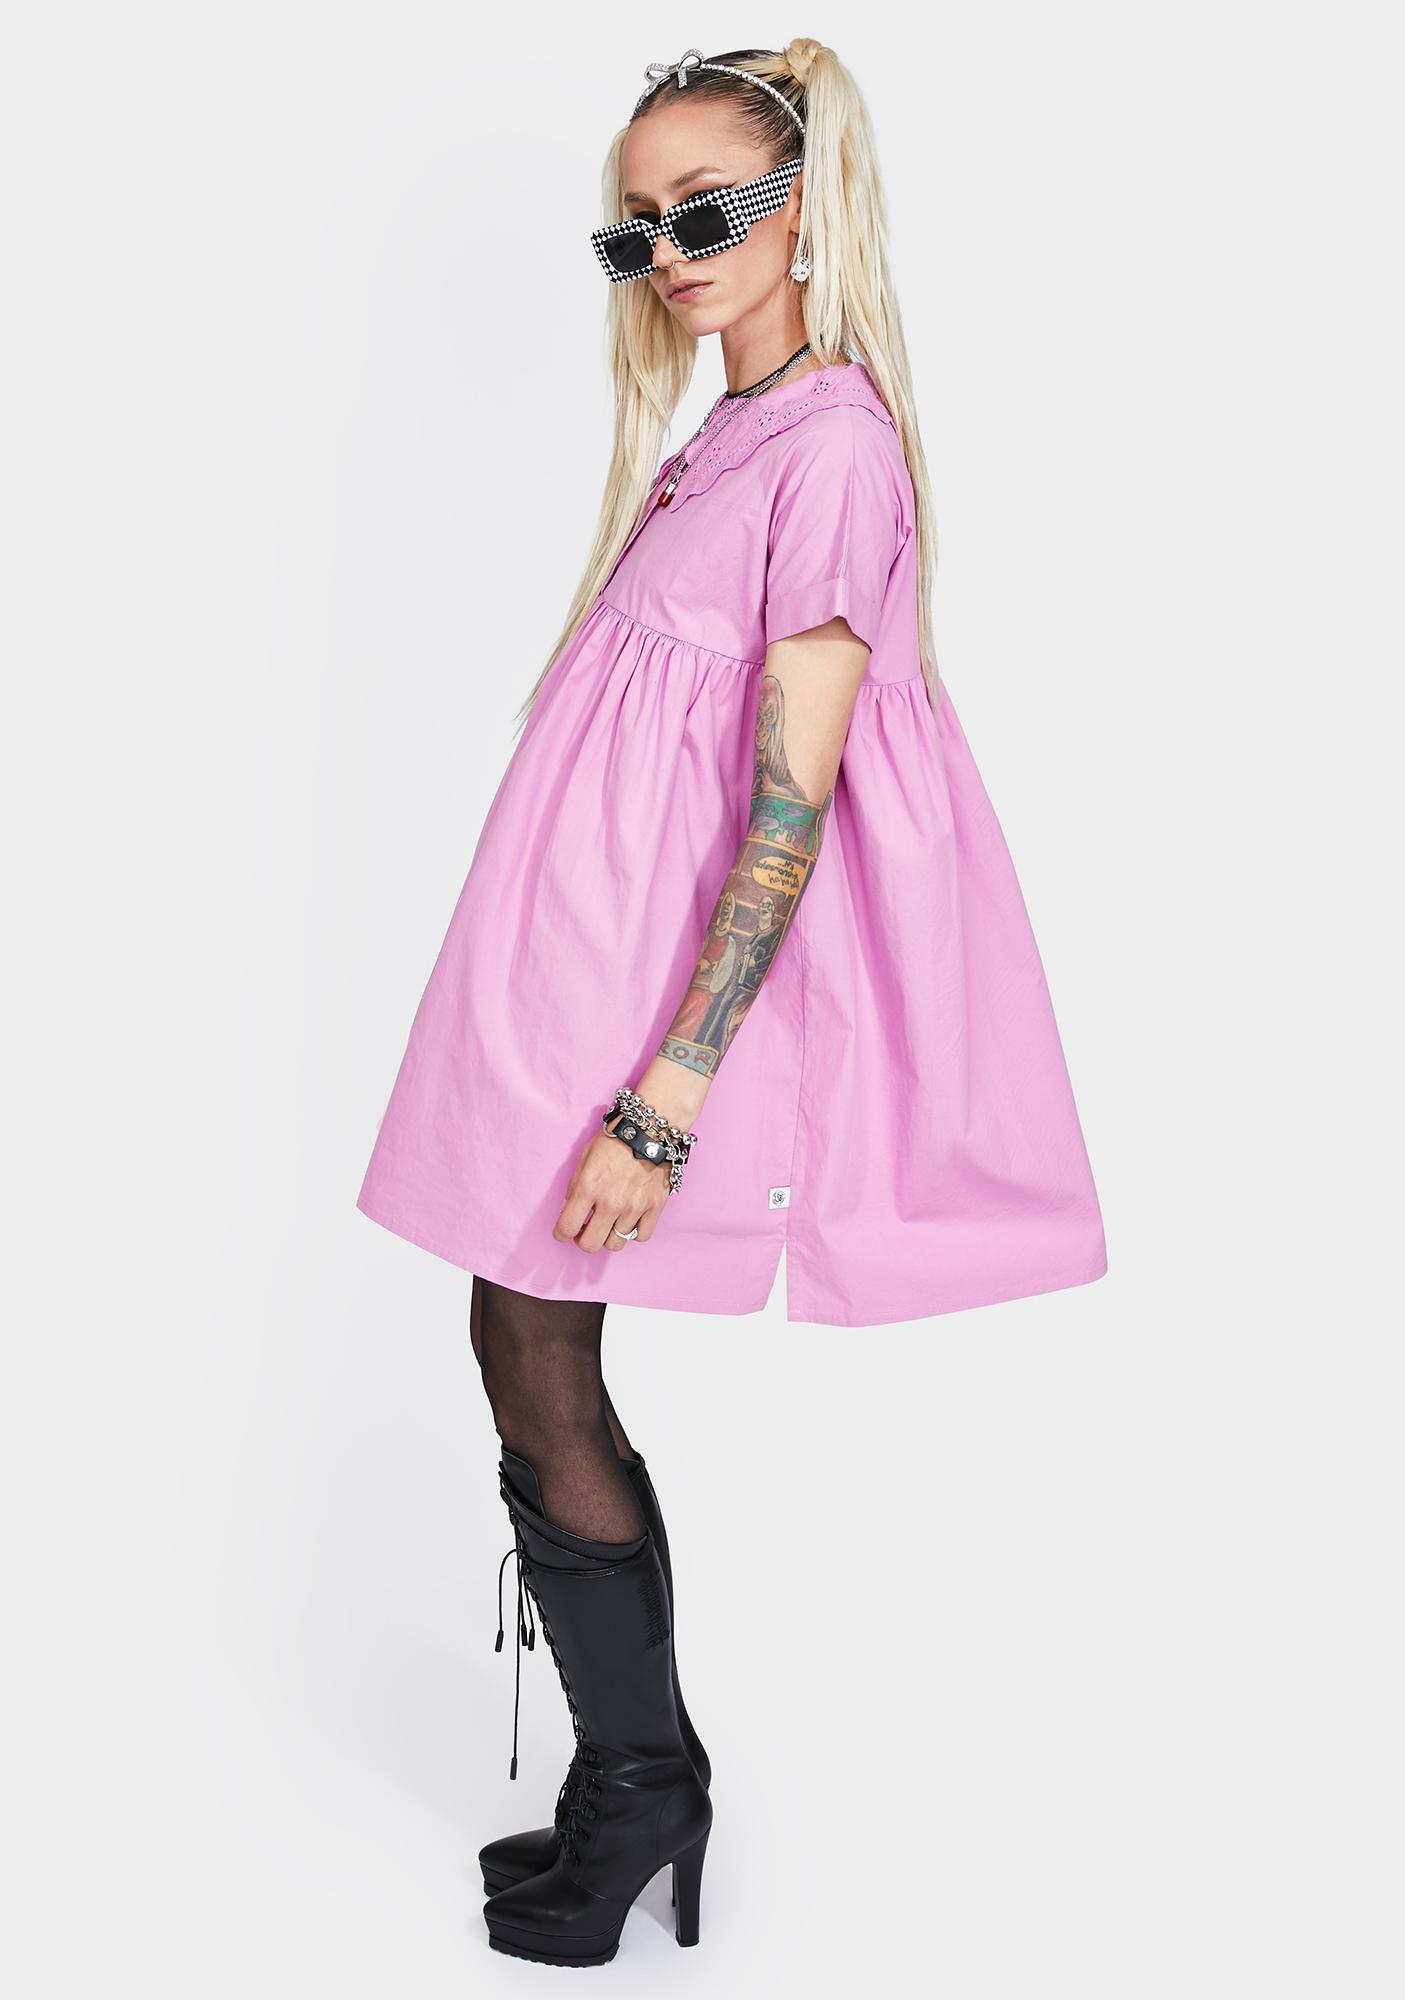 Little Sunny Bite Pink Girly Short Dress